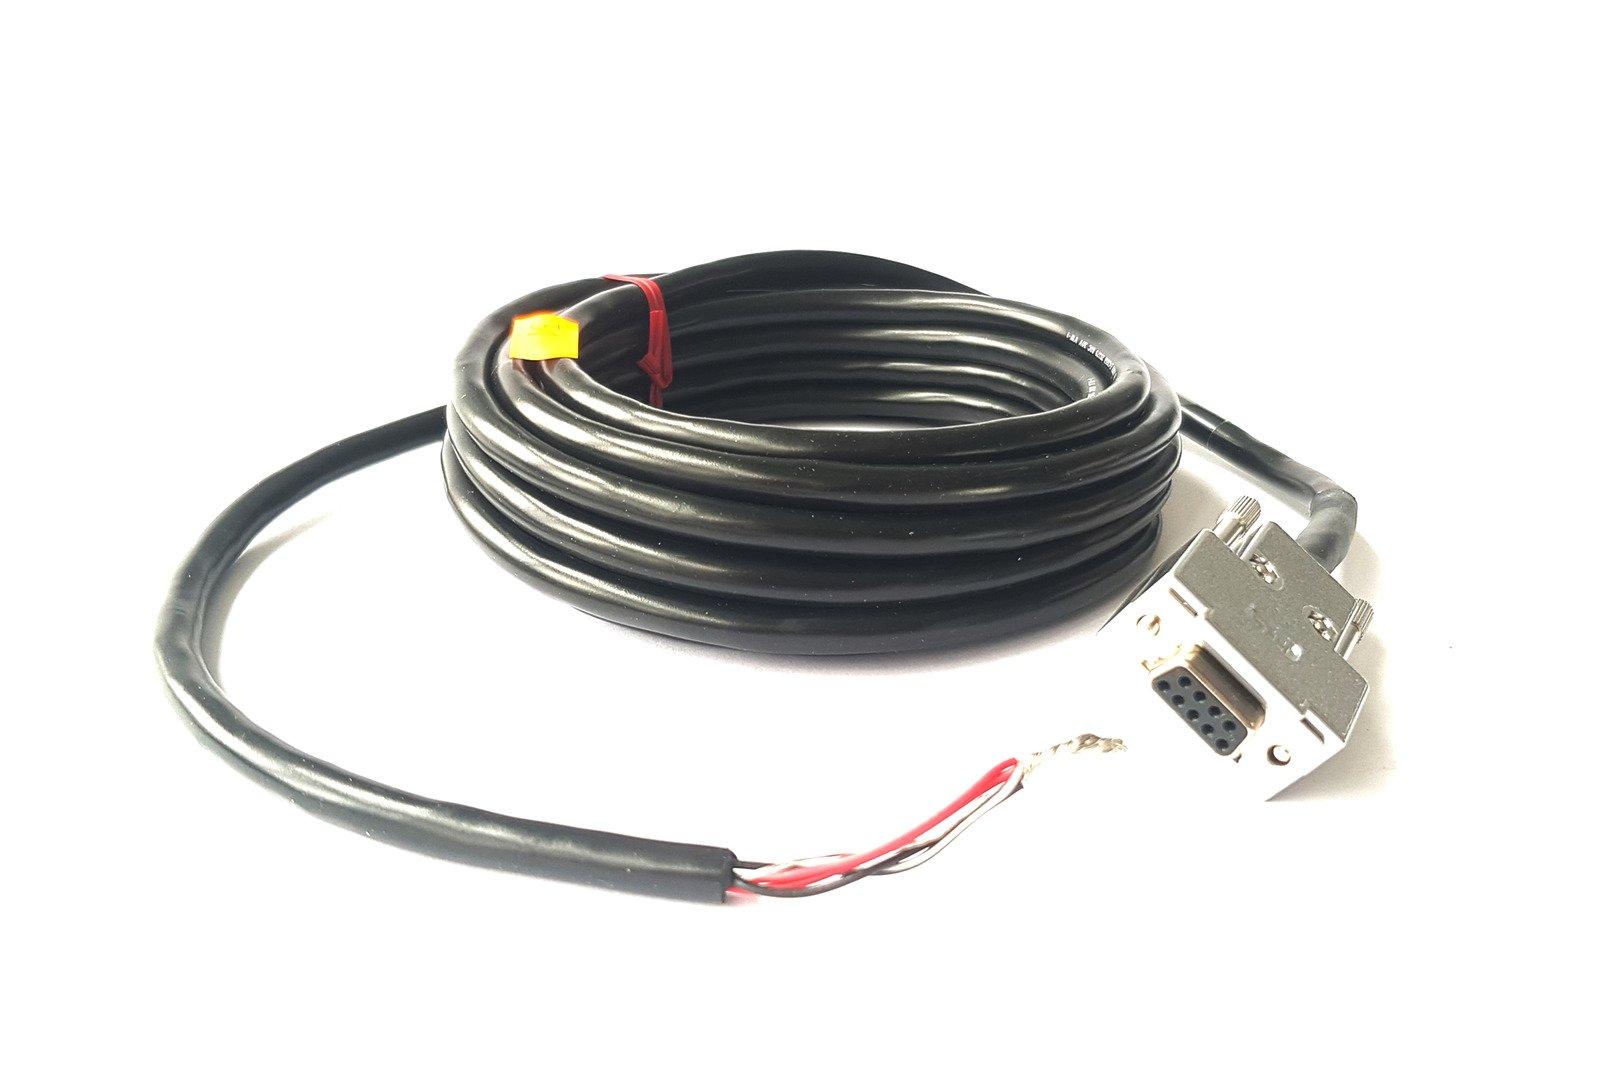 Keyence RS-232C-Kabel für DL, mit getrennten Adern (D-Sub, 9-polig) OP-81283